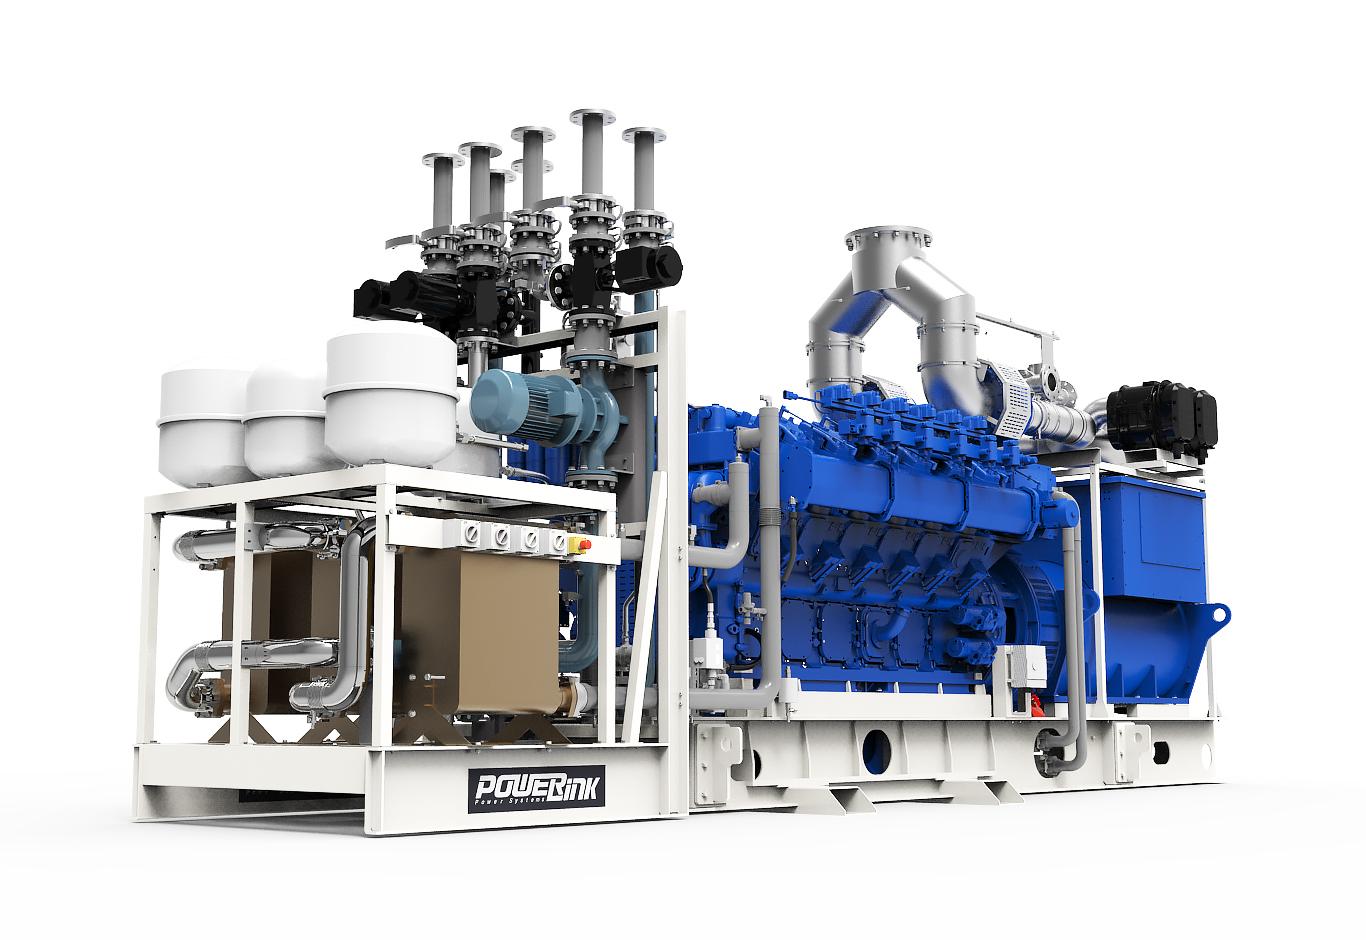 Газопоршневая электростанция (ГПУ) PowerLink GXC1000-NG